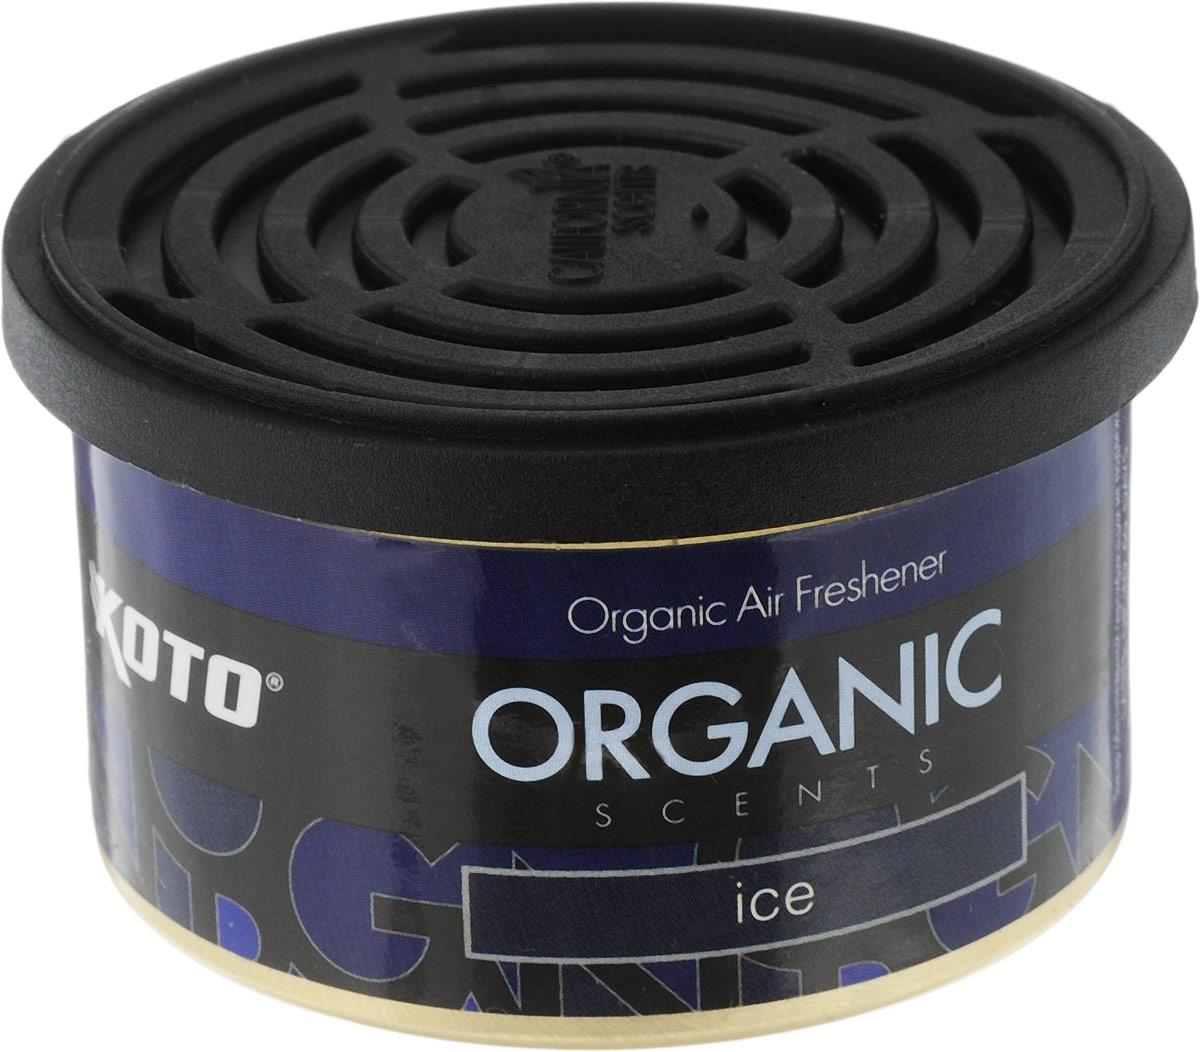 Ароматизатор автомобильный Koto Organic, лед4627087520571Автомобильный ароматизатор Koto Organic эффективно устраняет неприятные запахи и придает приятный аромат.Внутри - органический наполнитель, который не растекается и не вредит окружающей среде. Ароматизатор имеет удобную крышку-регулятор, так что интенсивность аромата вы сможете настроить сами. Стойкий аромат держится около 60 дней. Ароматизатор может быть расположен как на приборной панели, так и под сиденьем автомобиля.Товар сертифицирован.